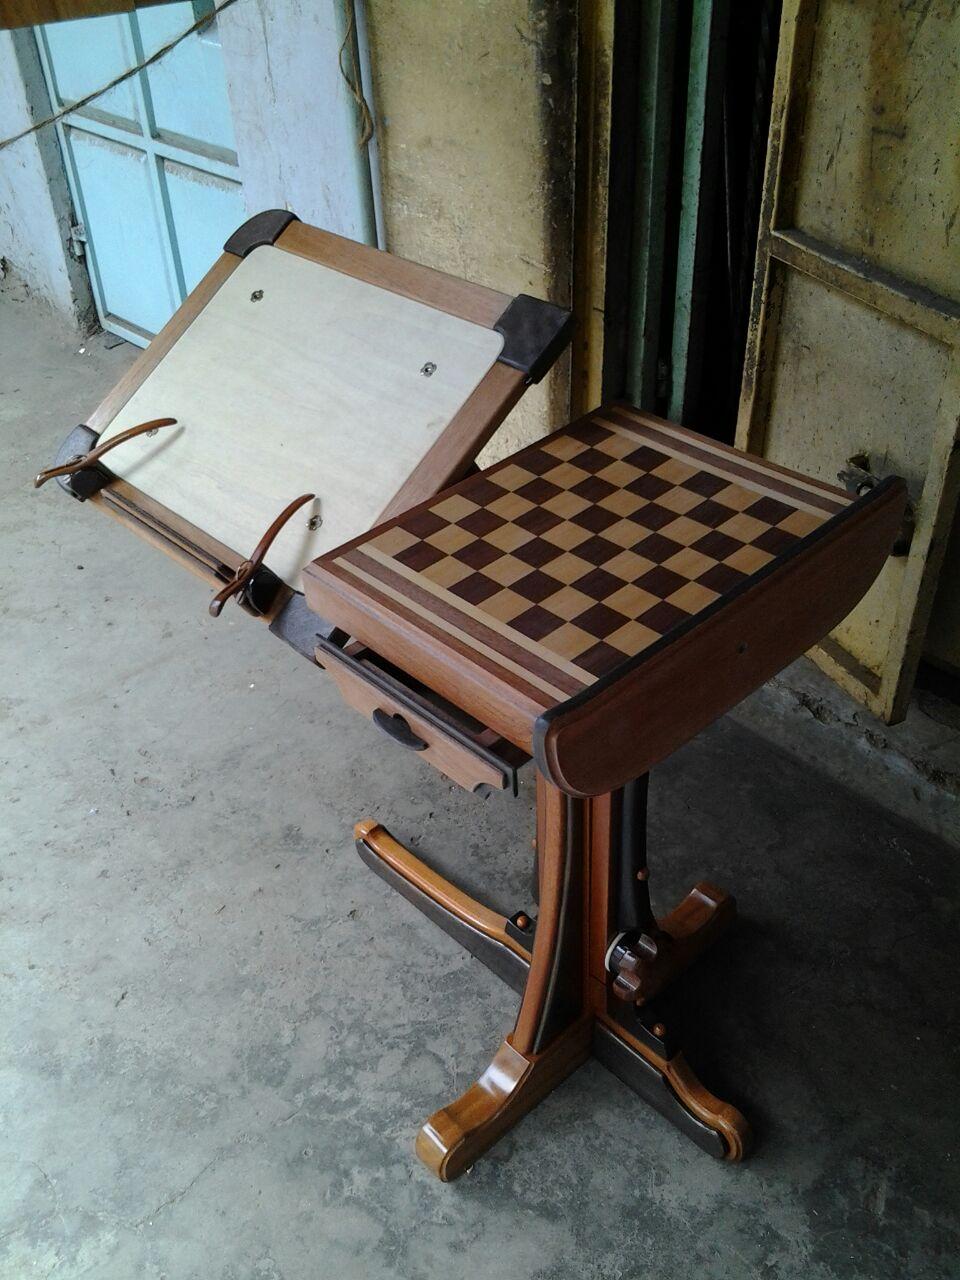 Es ist ein All-in-One-Schreibtisch der in vielen verschiedenen bequemen Positionen fr die Leser die Farbe Mahagoni und die Abmessungen 30by20by36 verwendet wird